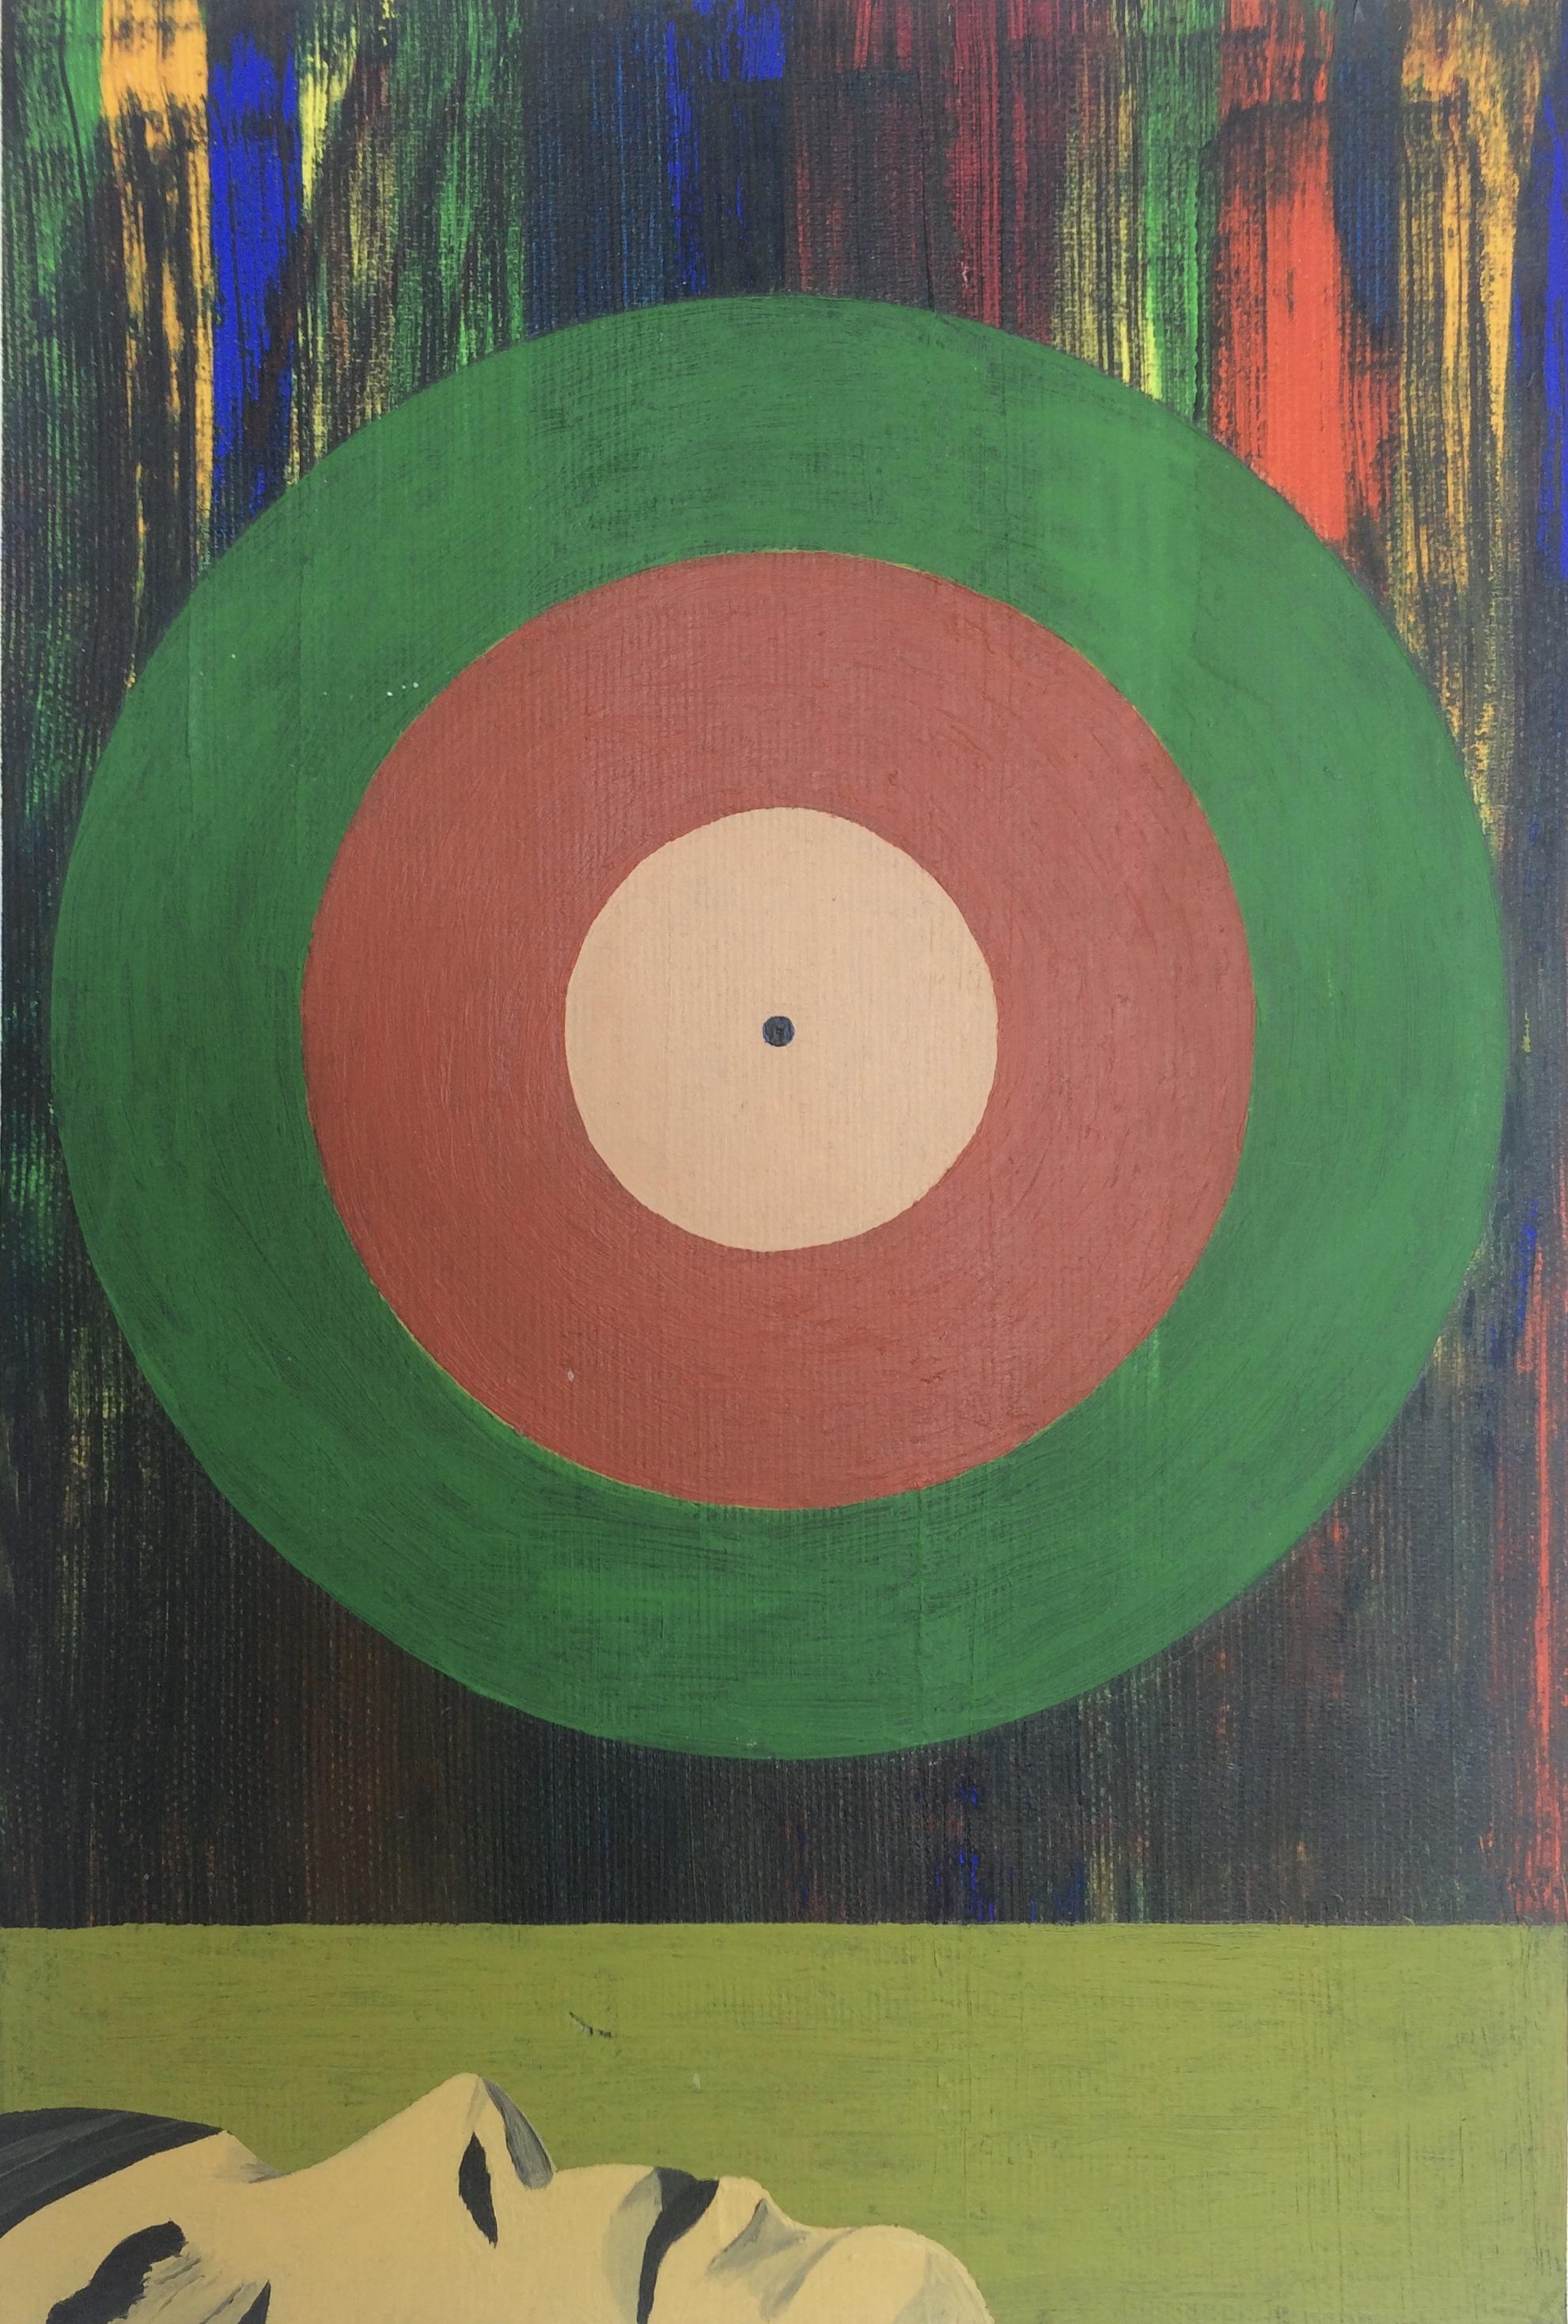 Target the Sun - 1997 - 13x9.5 Oil on Canvas